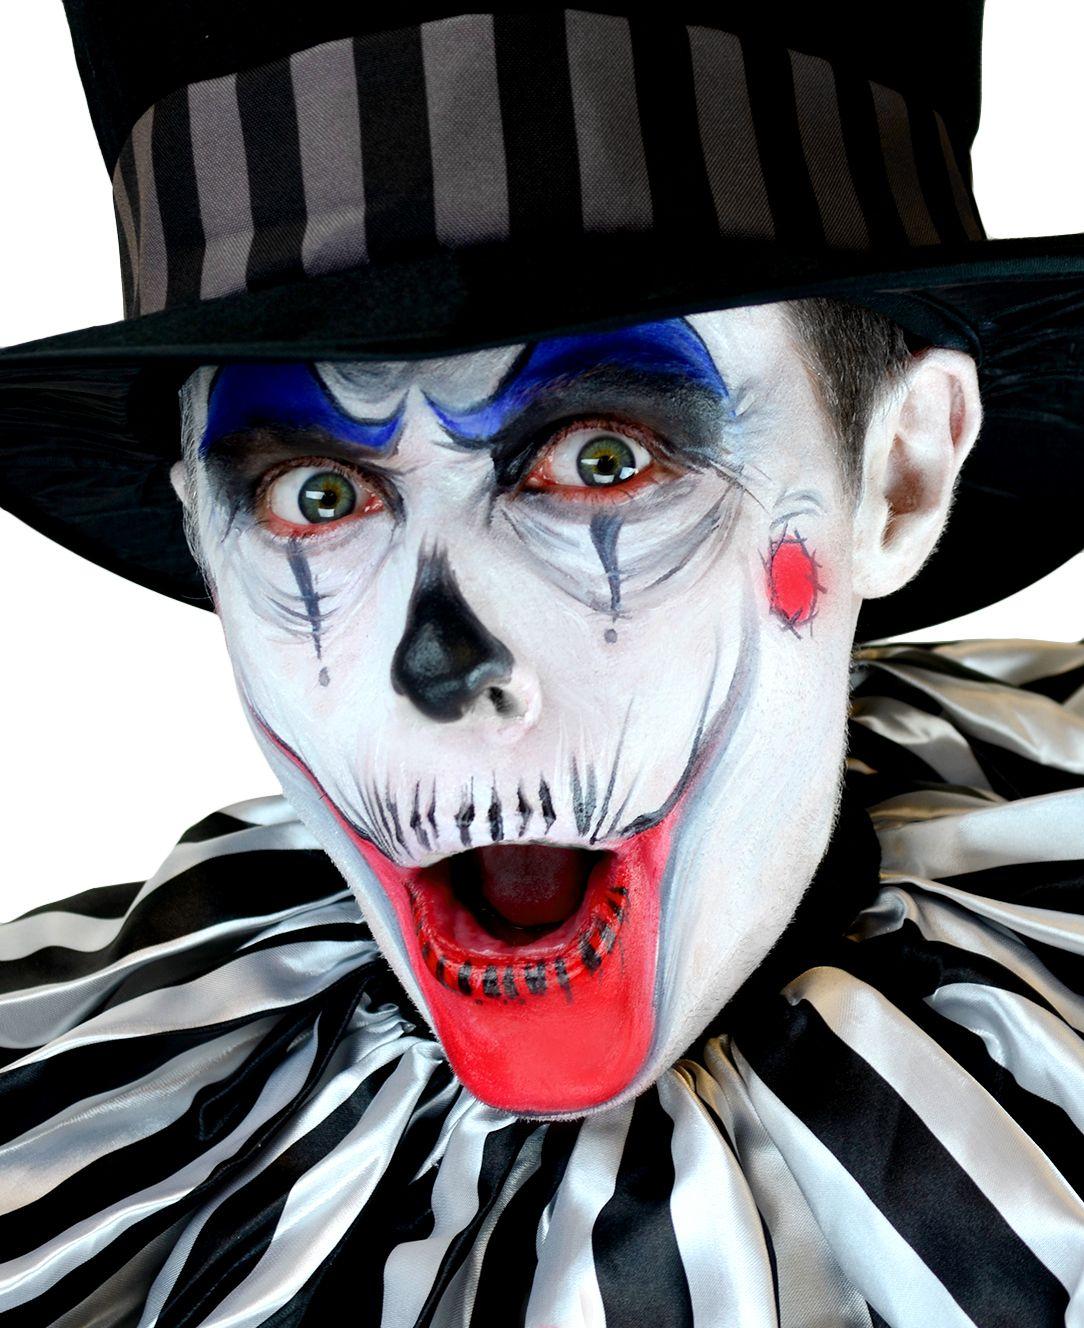 Halloween creepy clown makeup inspiration! This look